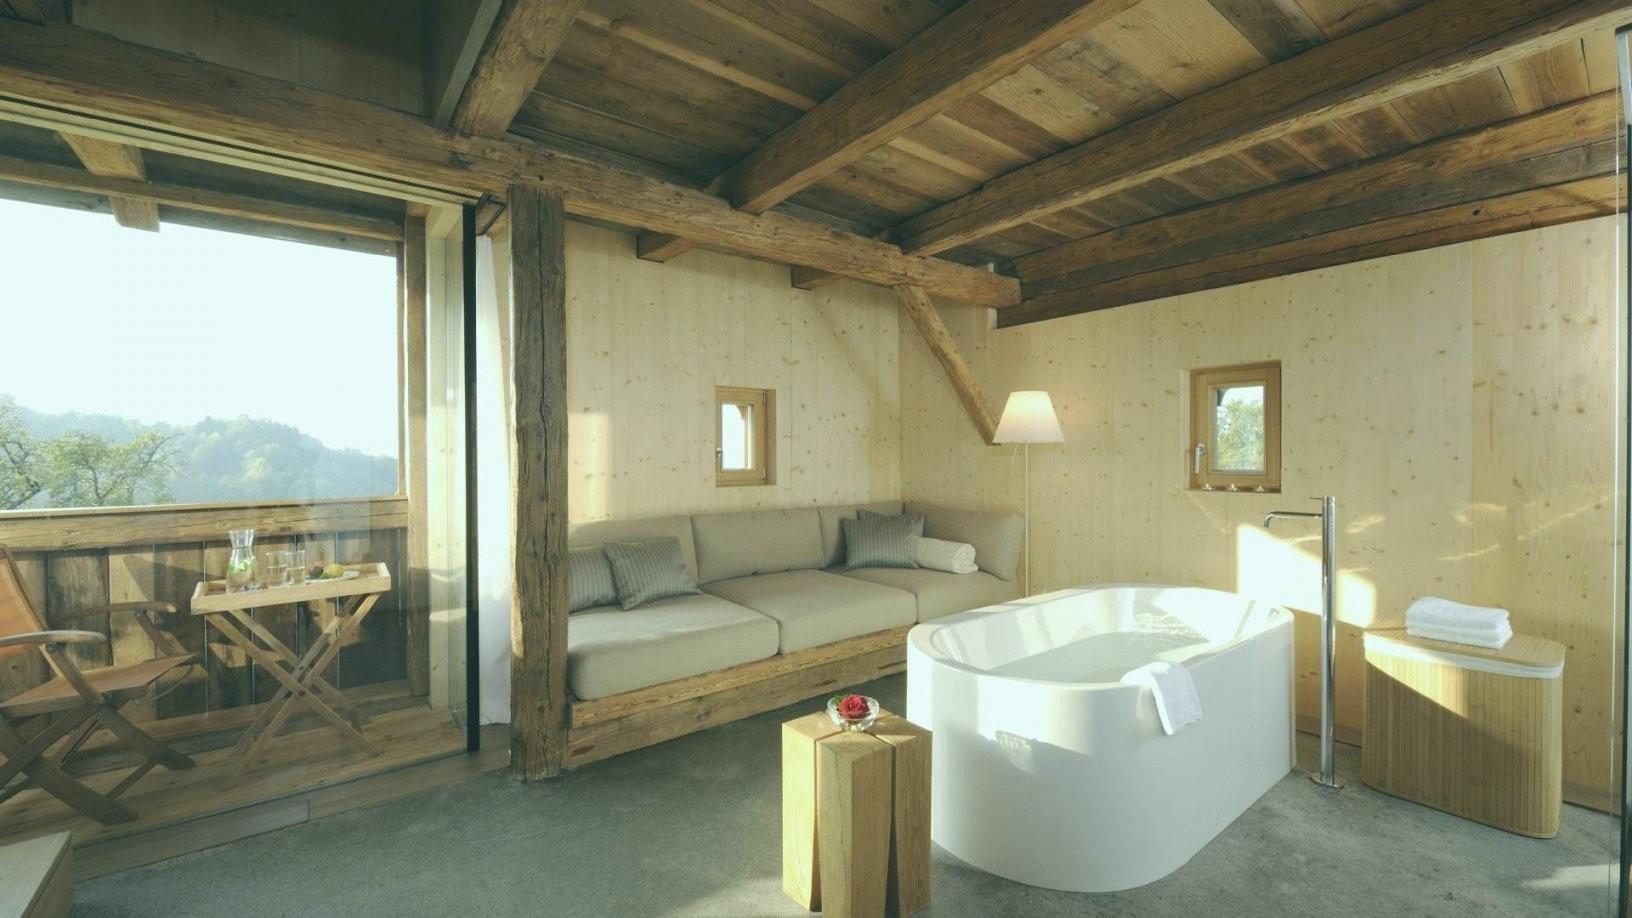 Freistehende Badewanne Im Schlafzimmer  Casa Cook Kos Bathroom von Freistehende Badewanne Im Schlafzimmer Photo